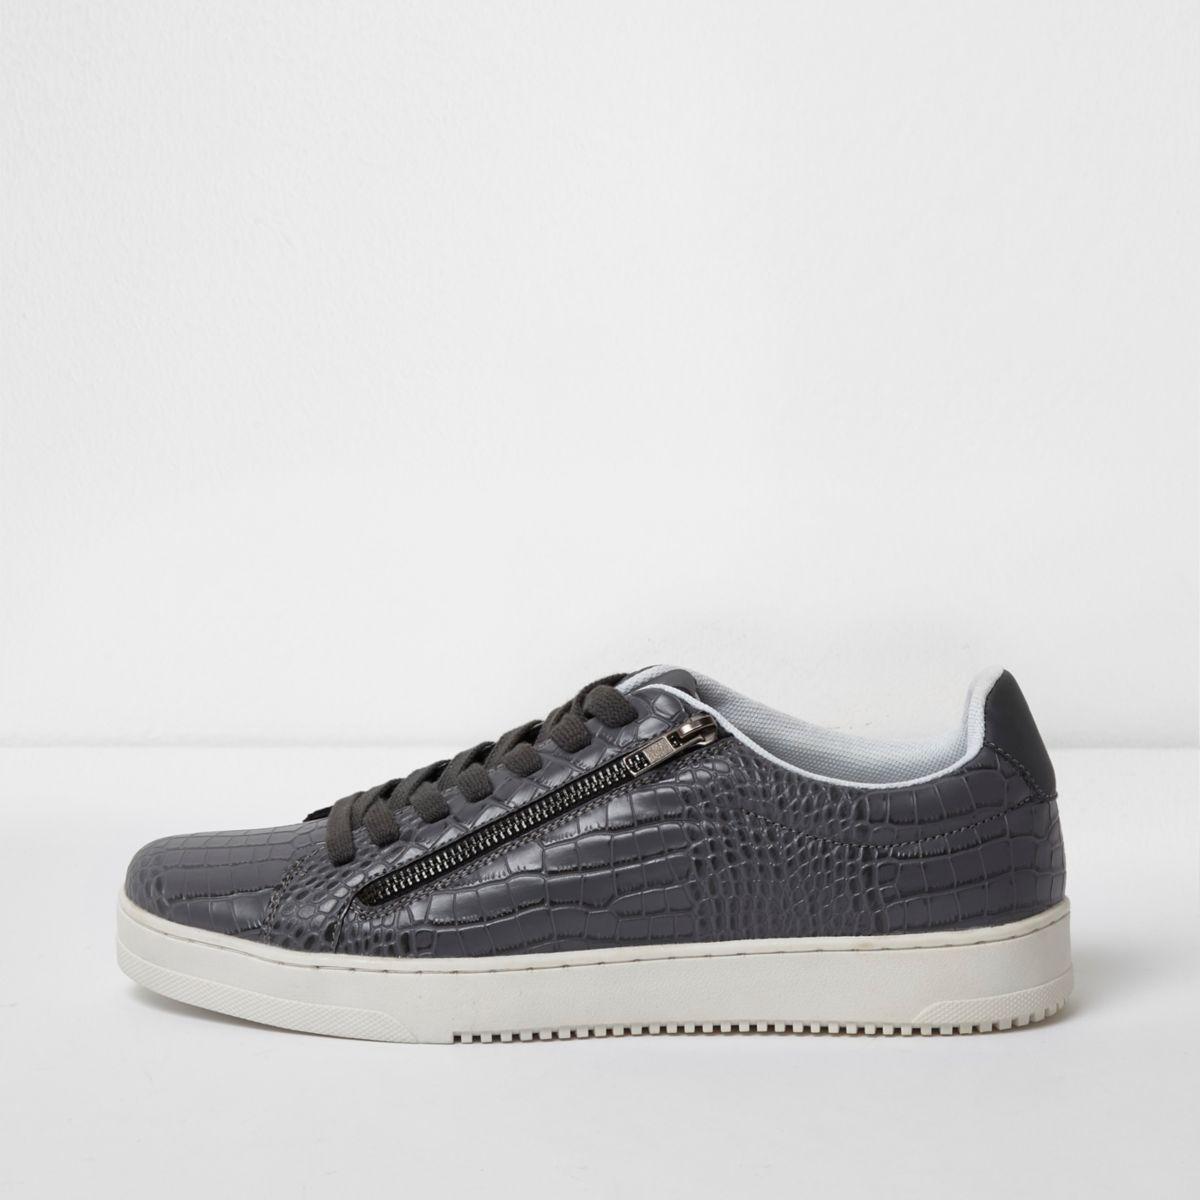 Chaussures De Sport Marron Avec Haut Île De La Rivière Lacer E2DX8Vg8UM